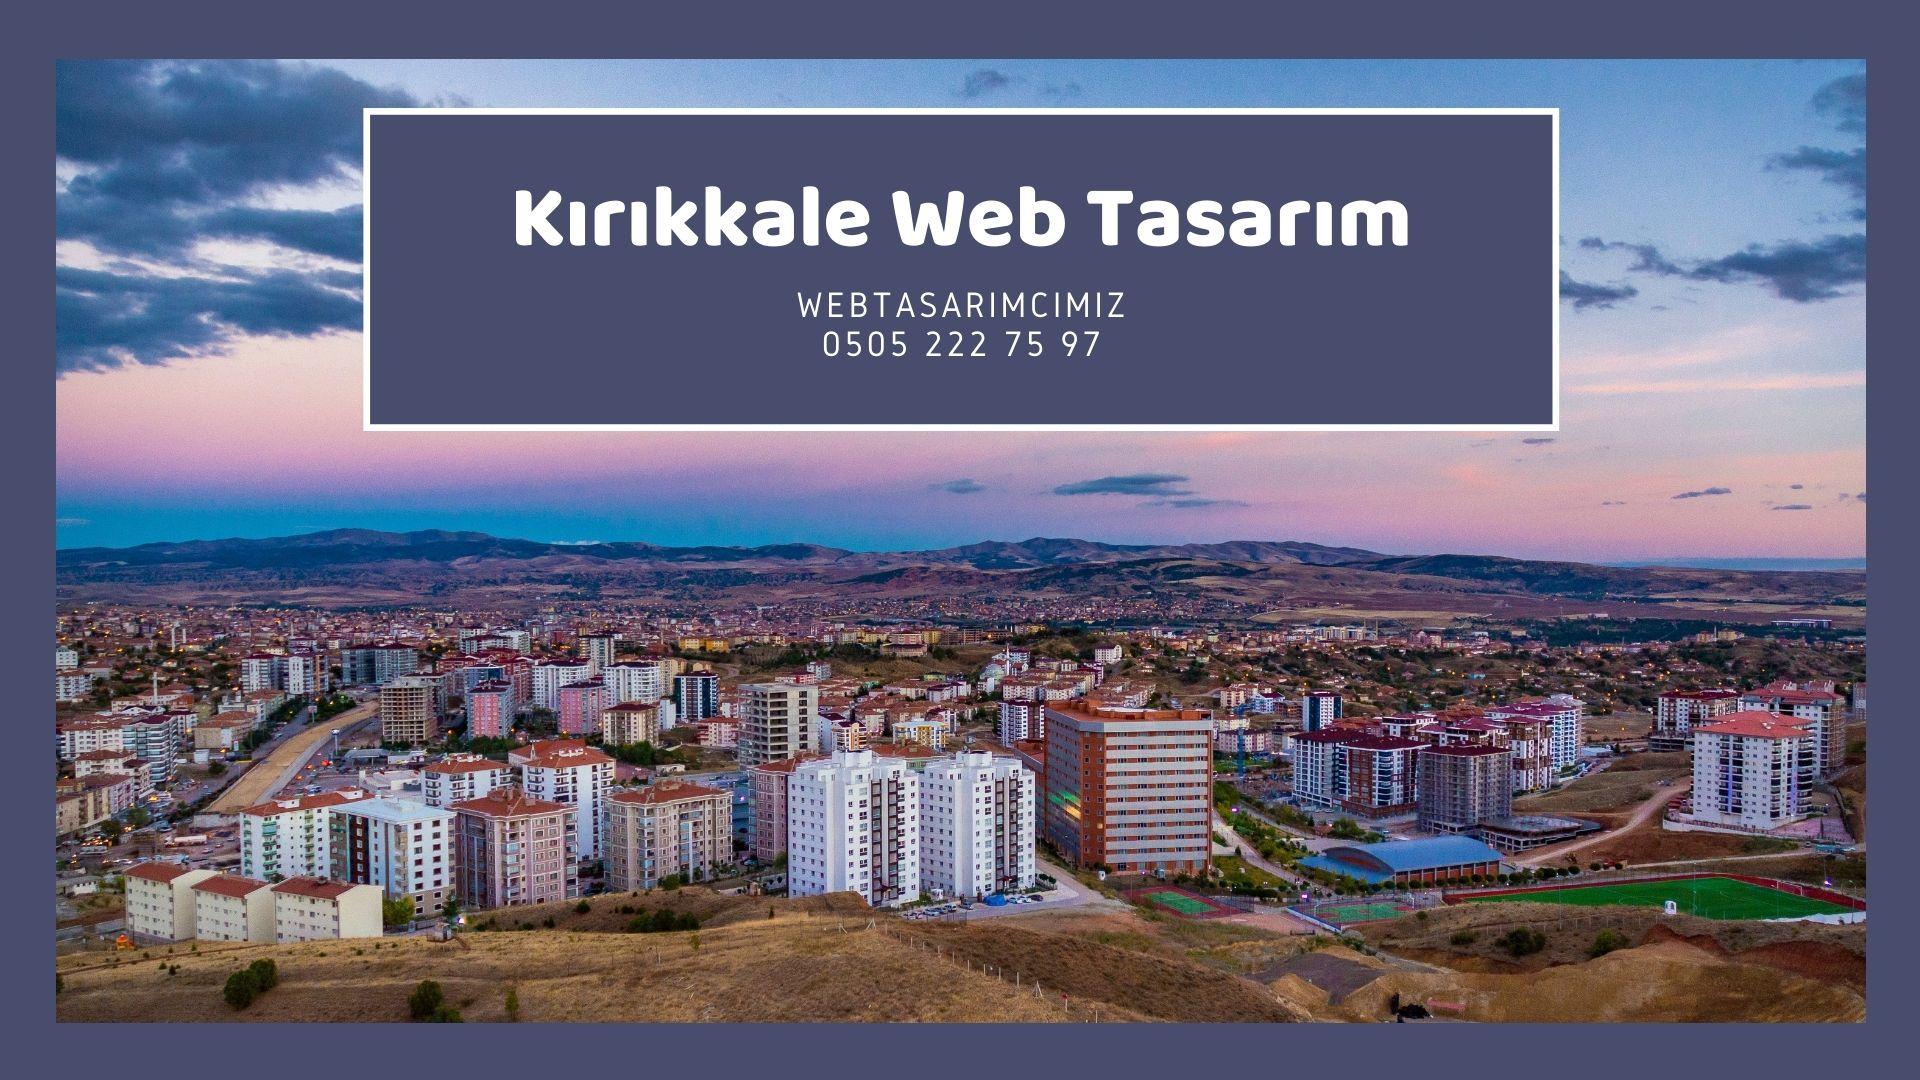 Kırıkkale Web Tasarım Hizmetleri